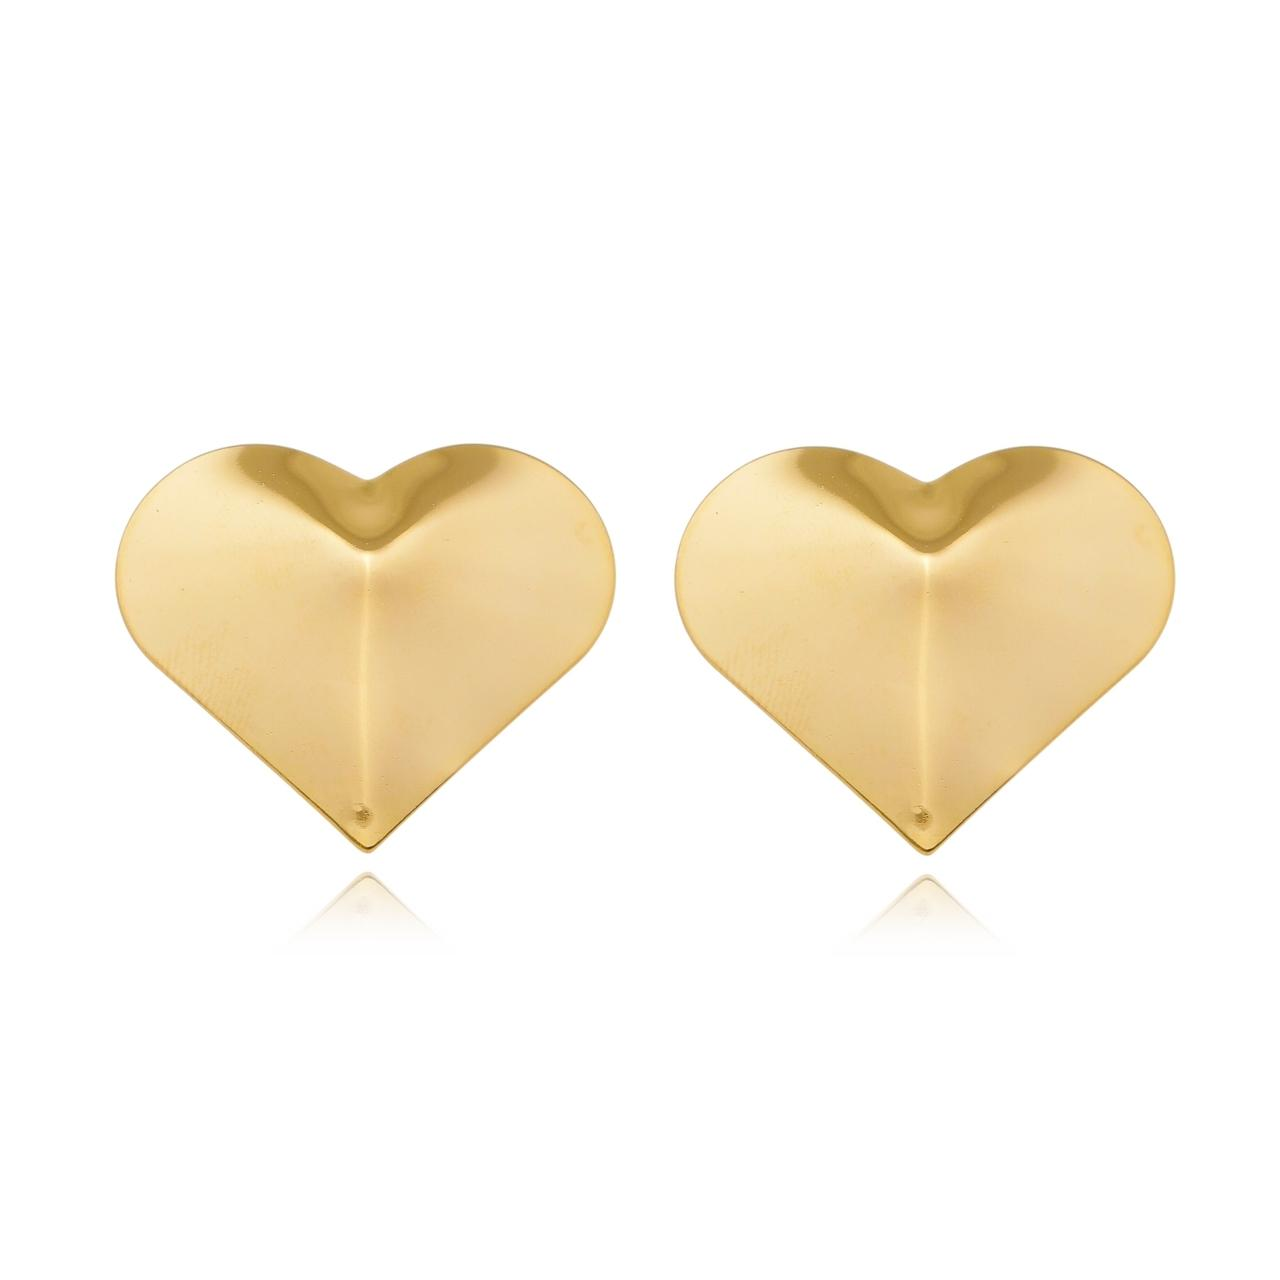 Brinco de Coração Chapado Banhado em Ouro 18K